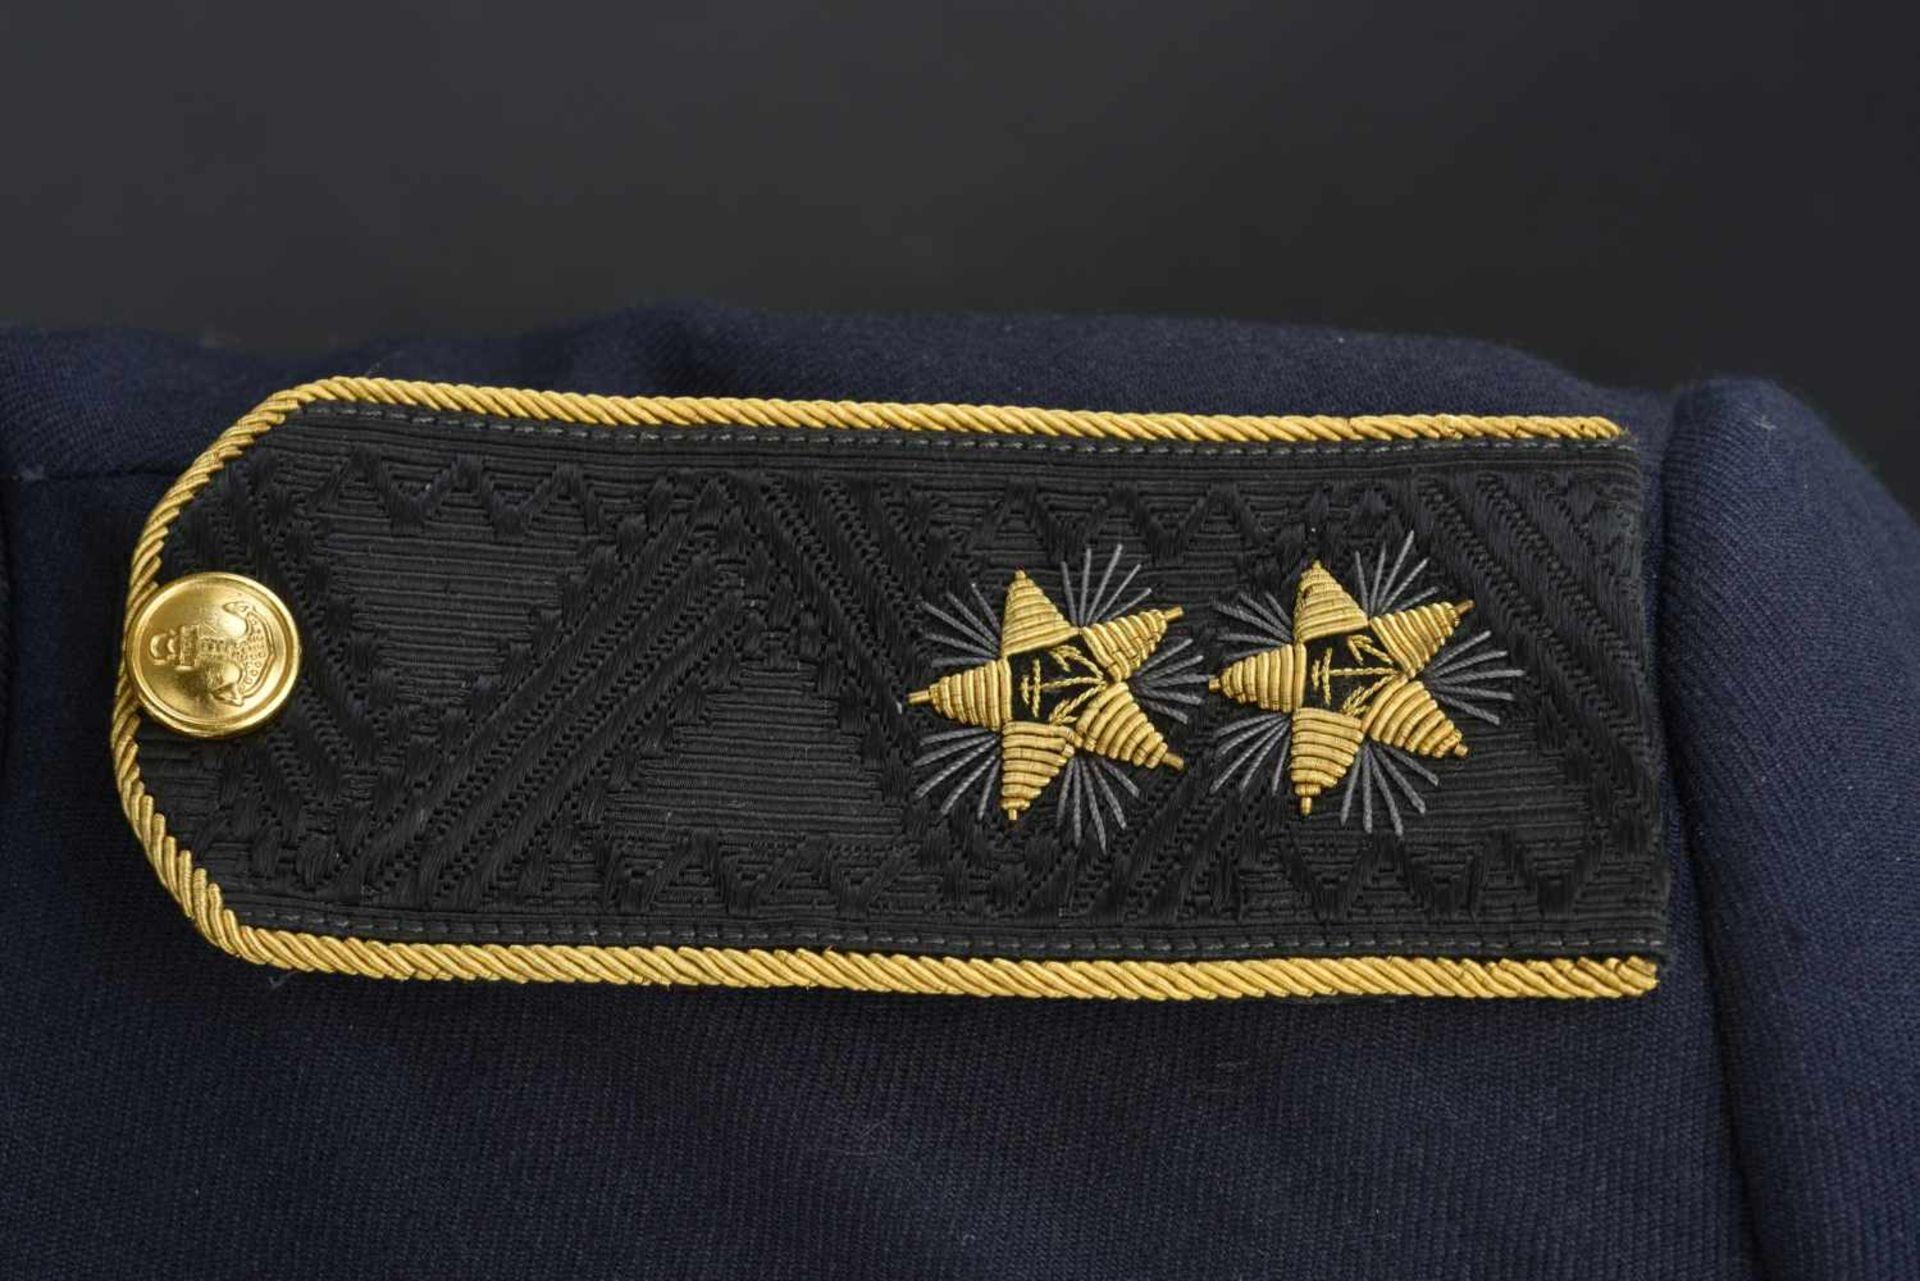 Vareuse de bord de vice-amiral soviétique, année 1990 En tissu bleu, tous les boutons sont présents, - Bild 2 aus 4